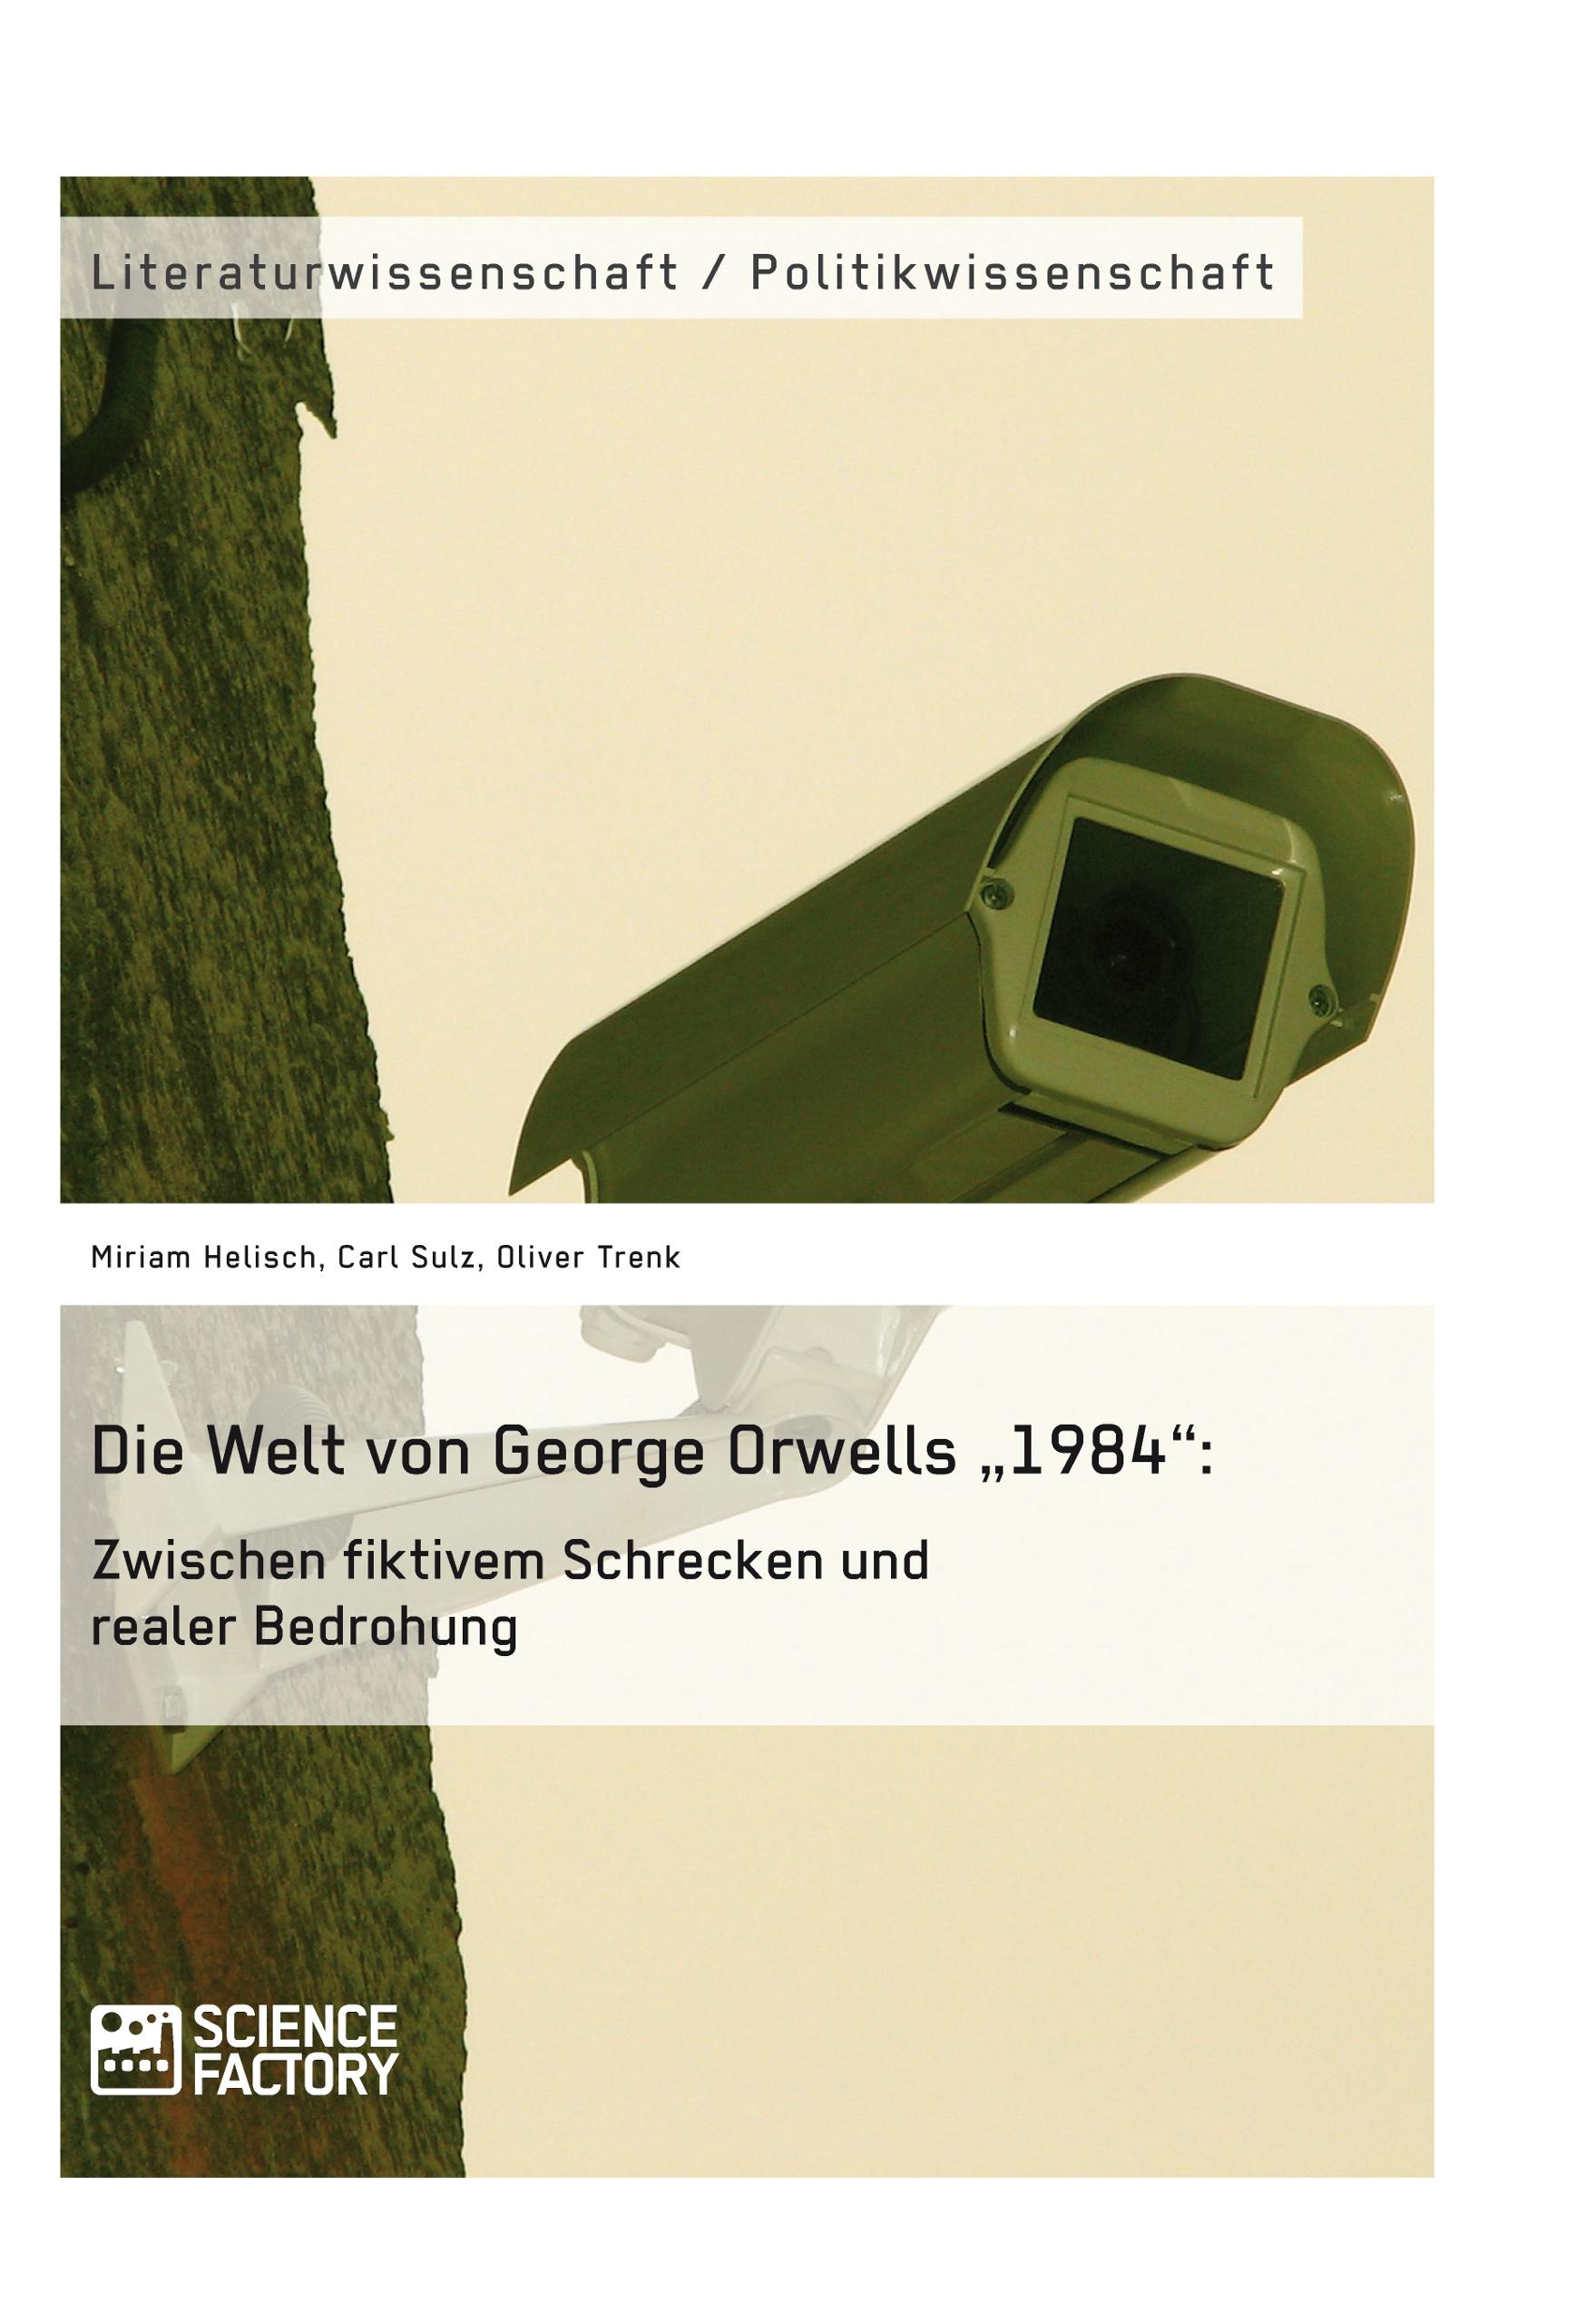 """Titel: Die Welt von George Orwells """"1984"""": Zwischen fiktivem Schrecken und realer Bedrohung"""